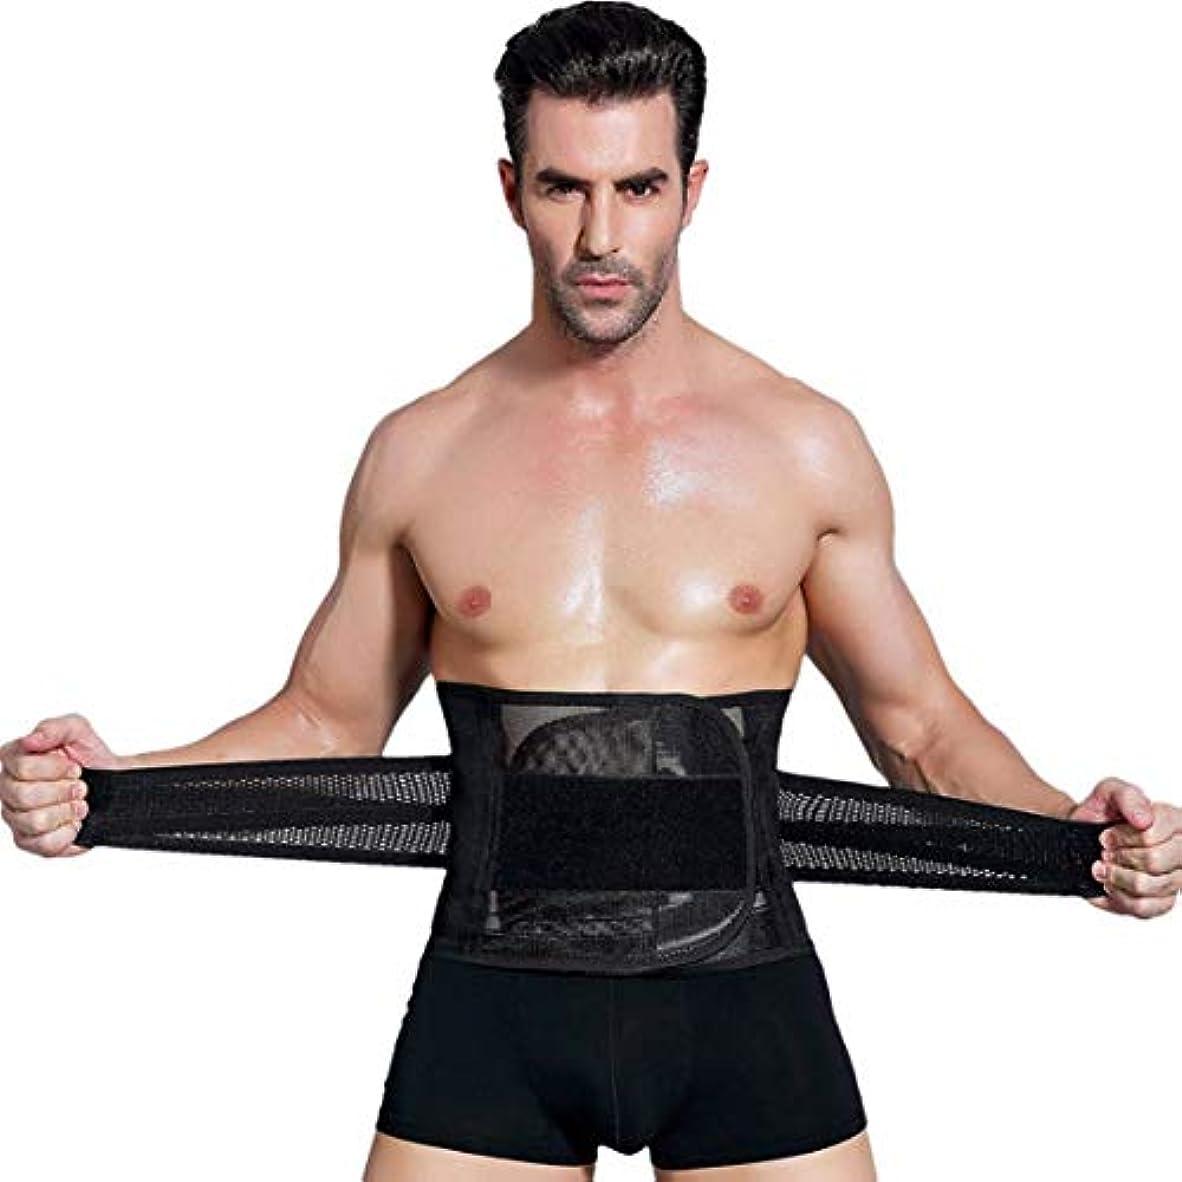 エラー対称コントローラ男性ボディシェイパーコルセット腹部おなかコントロールウエストトレーナーニッパー脂肪燃焼ガードル痩身腹ベルト用男性 - ブラックXXL